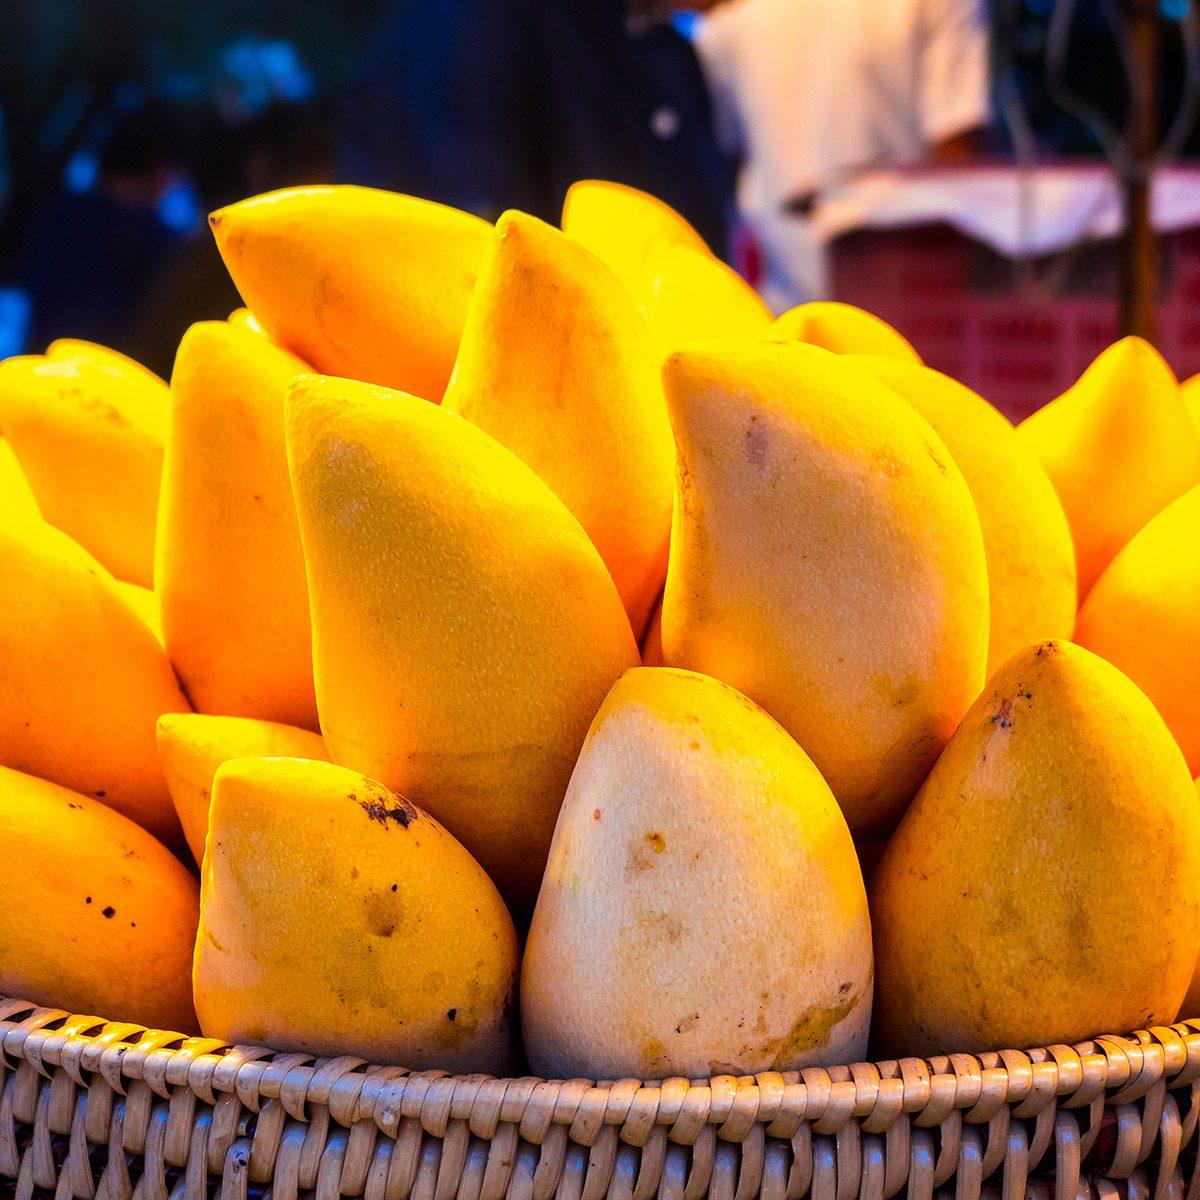 Yellow mango in basket.